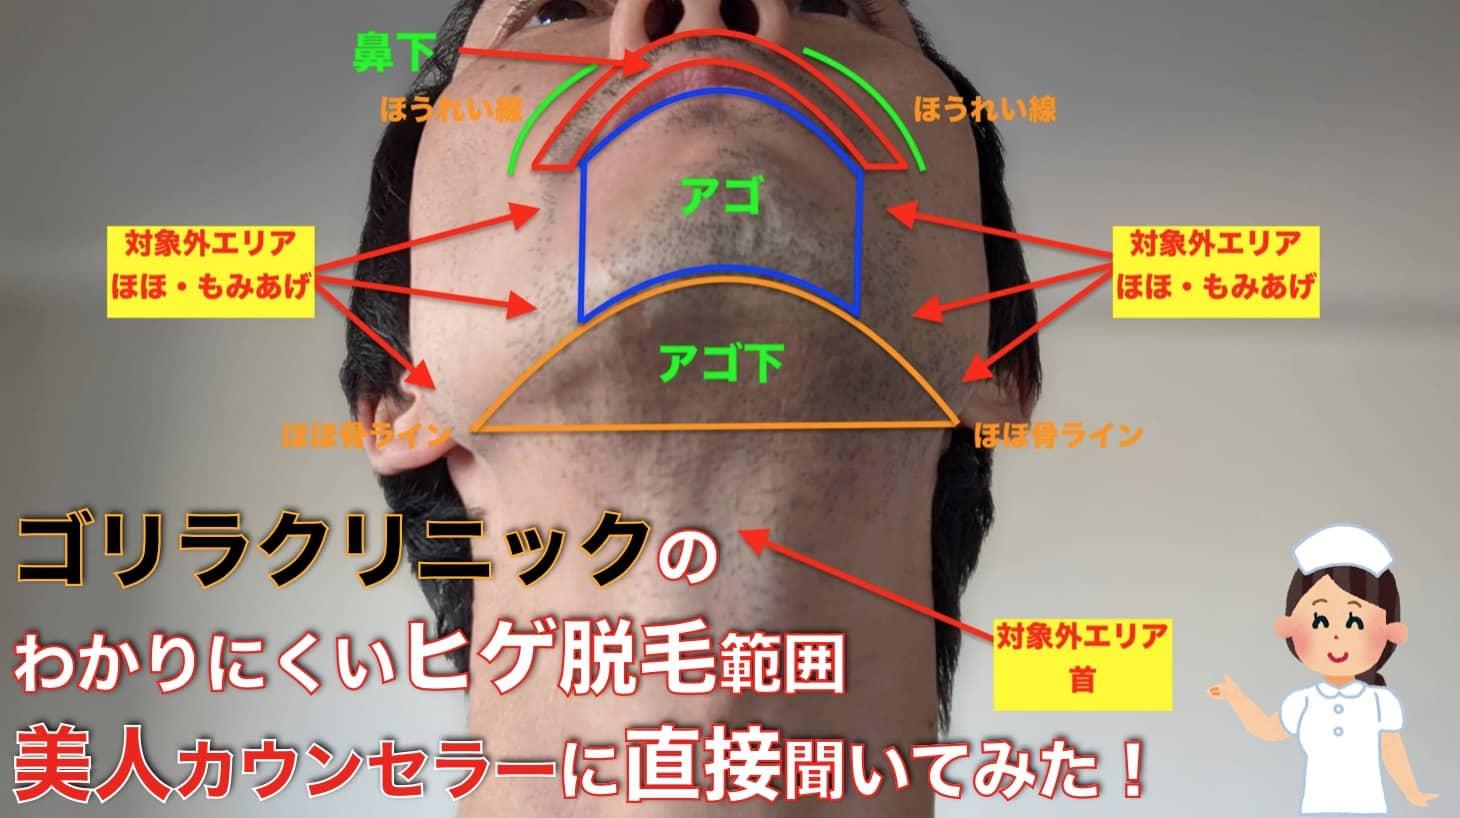 【画像で解説】ゴリラクリニックのヒゲ脱毛完了コースってどこまでが範囲なの?【カウンセラーに直接聞いた】サムネイル画像